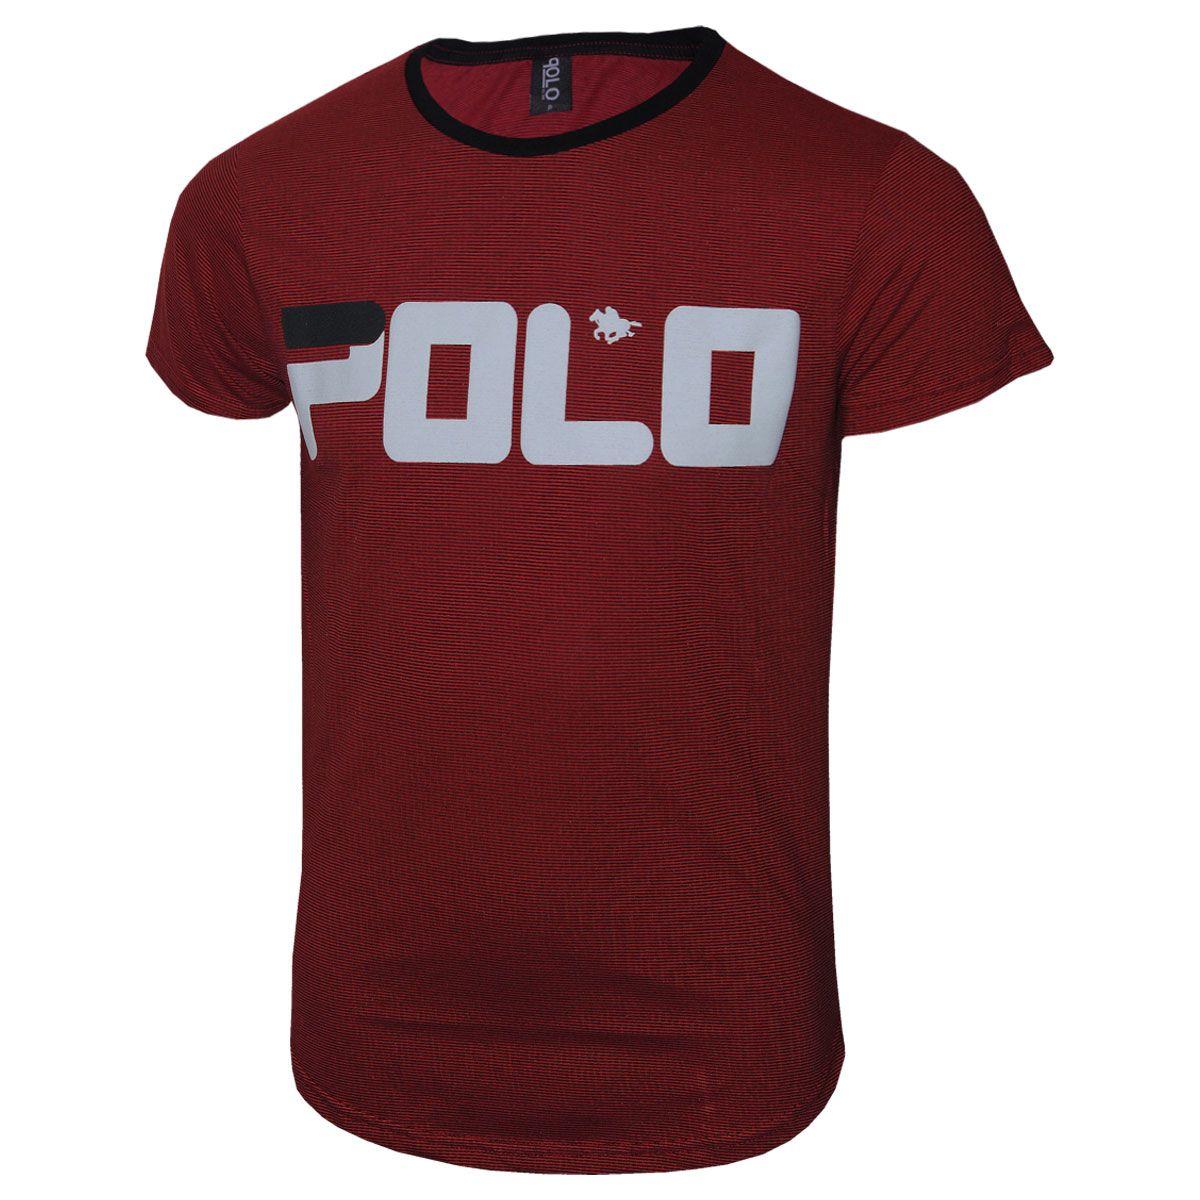 Camiseta Swag Polo Rg518 com Estampa em Silk